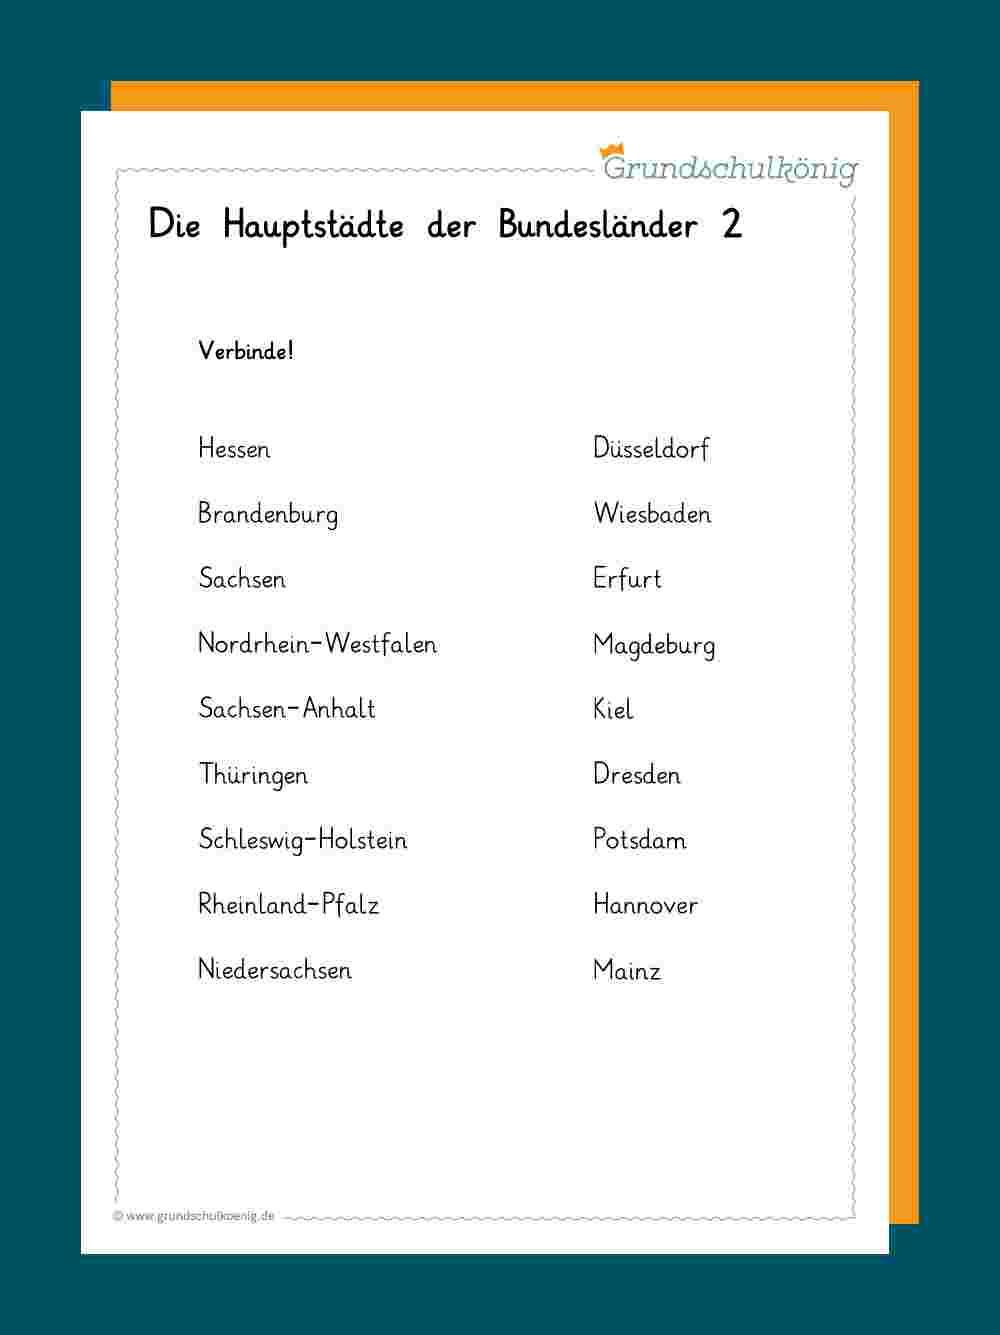 Deutschland innen Bundesländer Deutschland Mit Hauptstädten Lernen